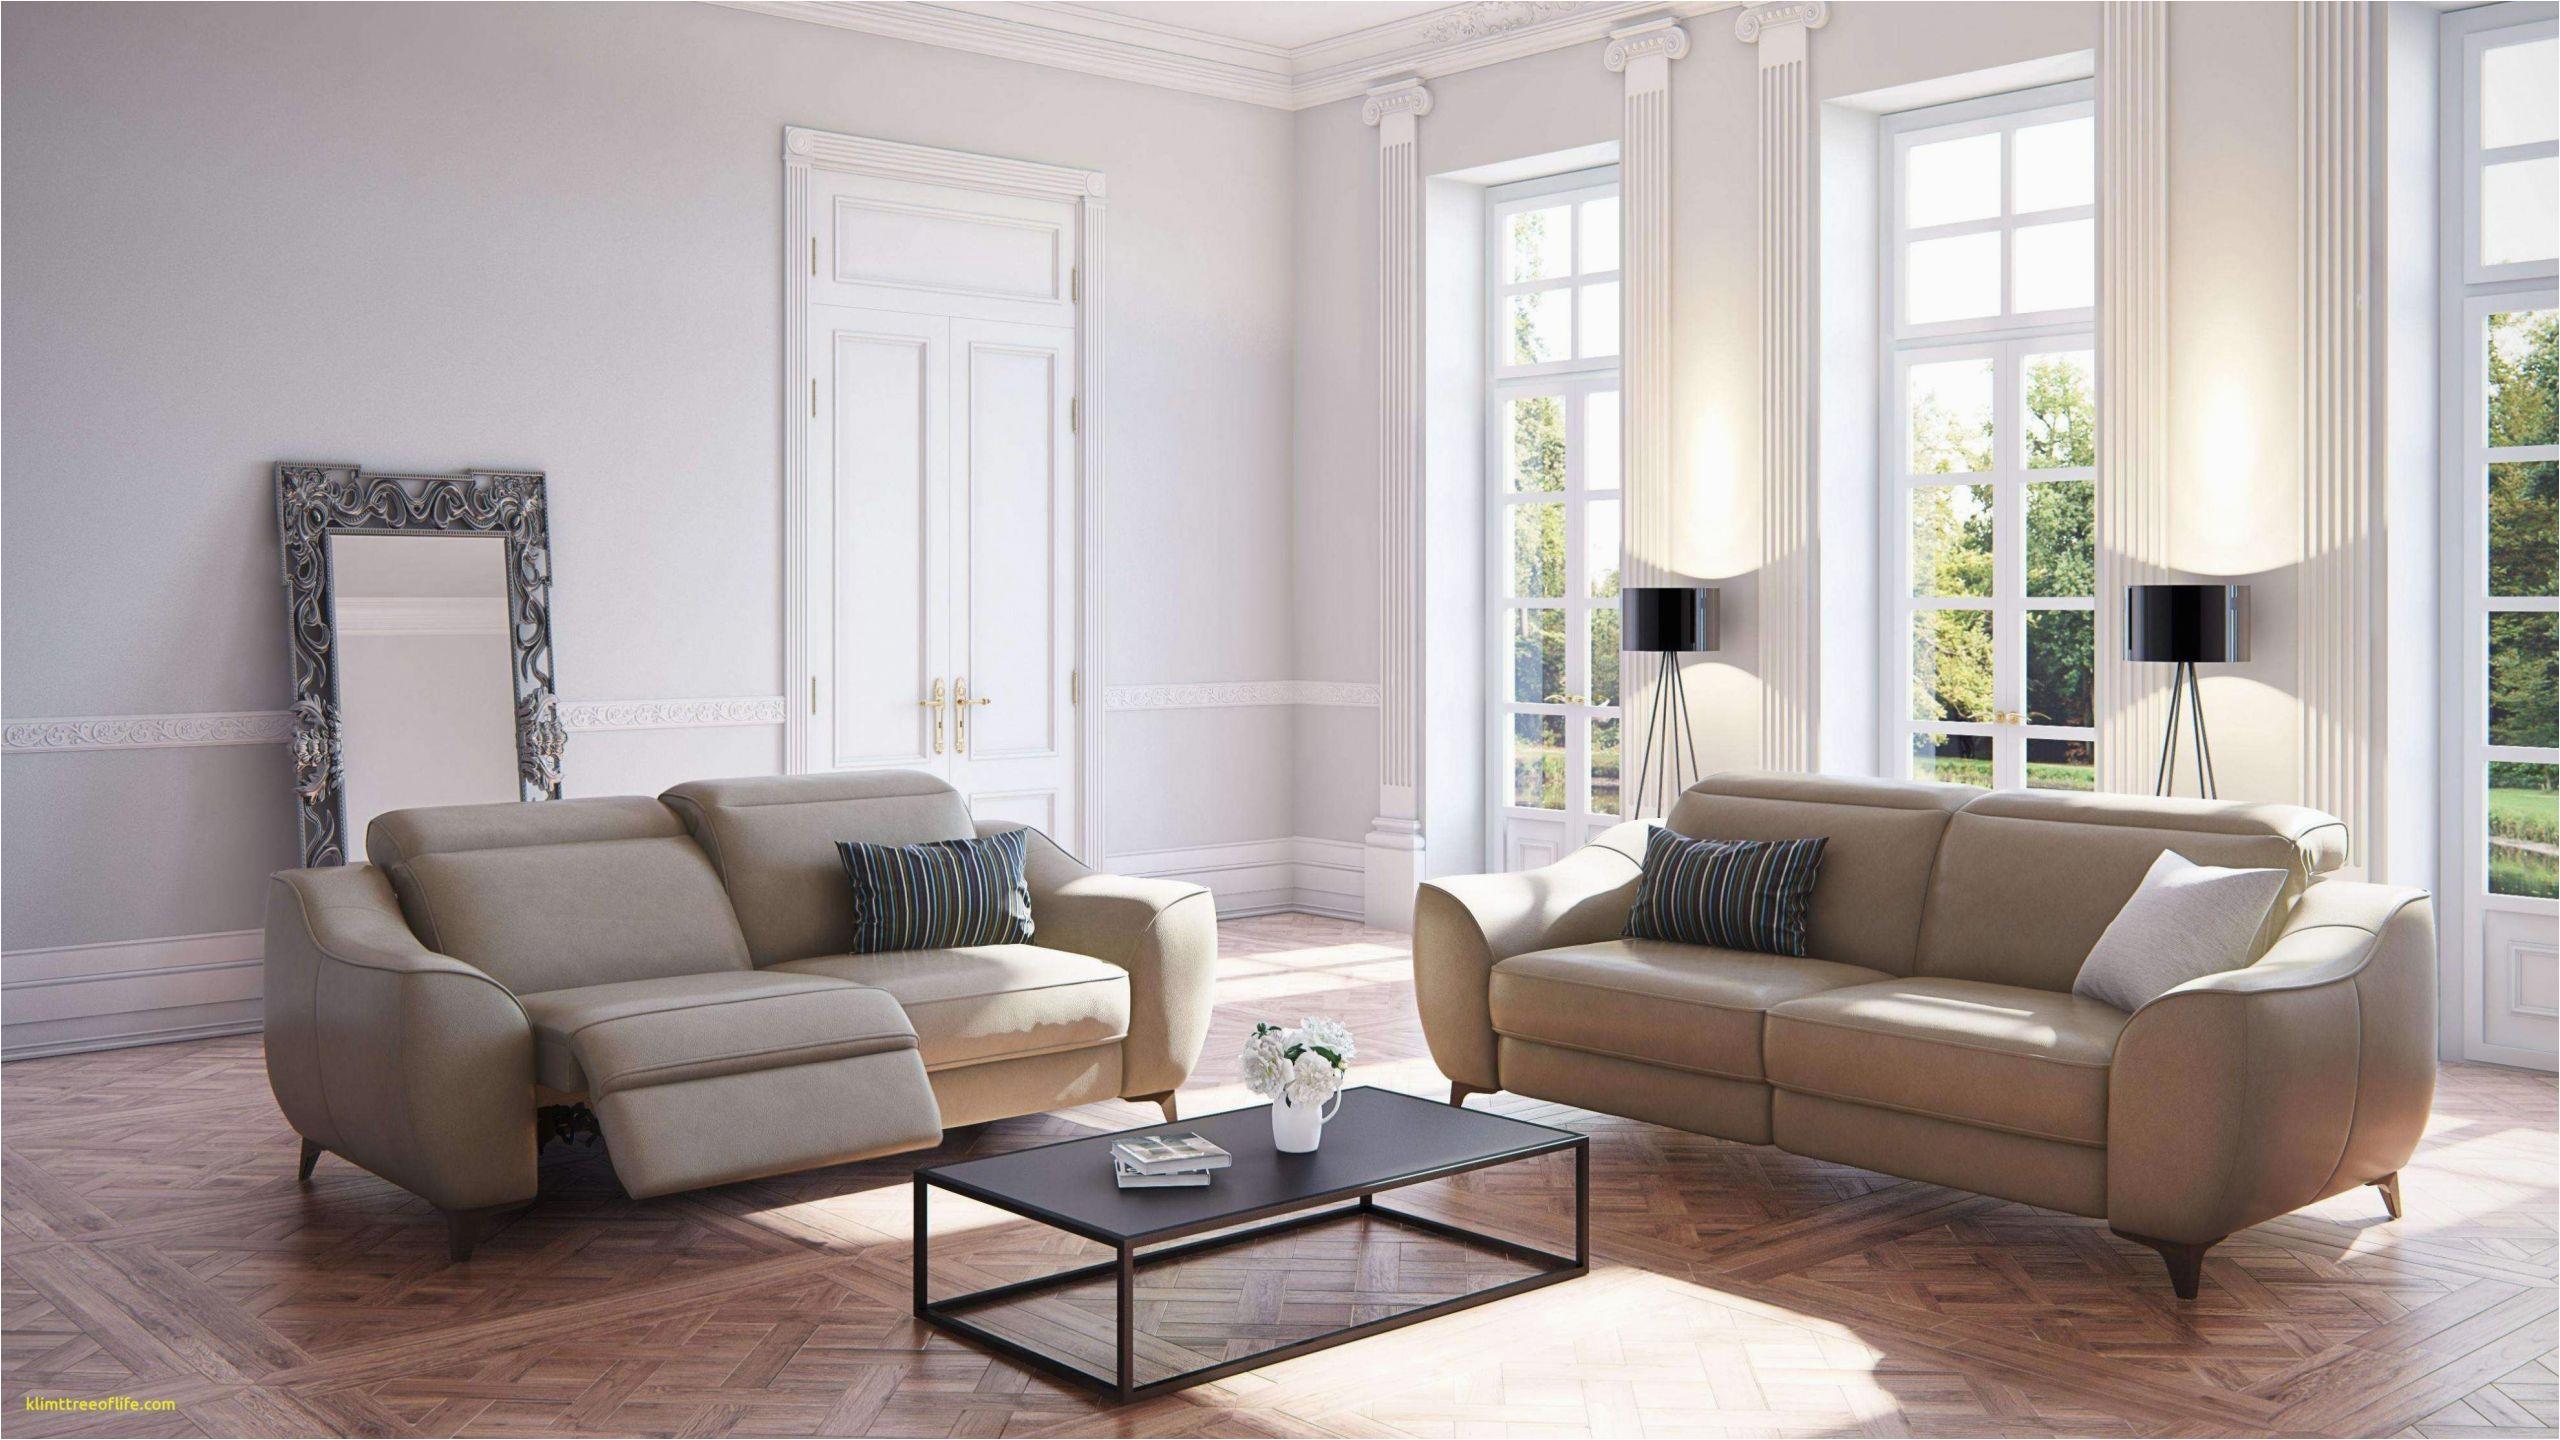 Wohnzimmer sofa Beige 34 Genial Otto Wohnzimmer sofa Schön